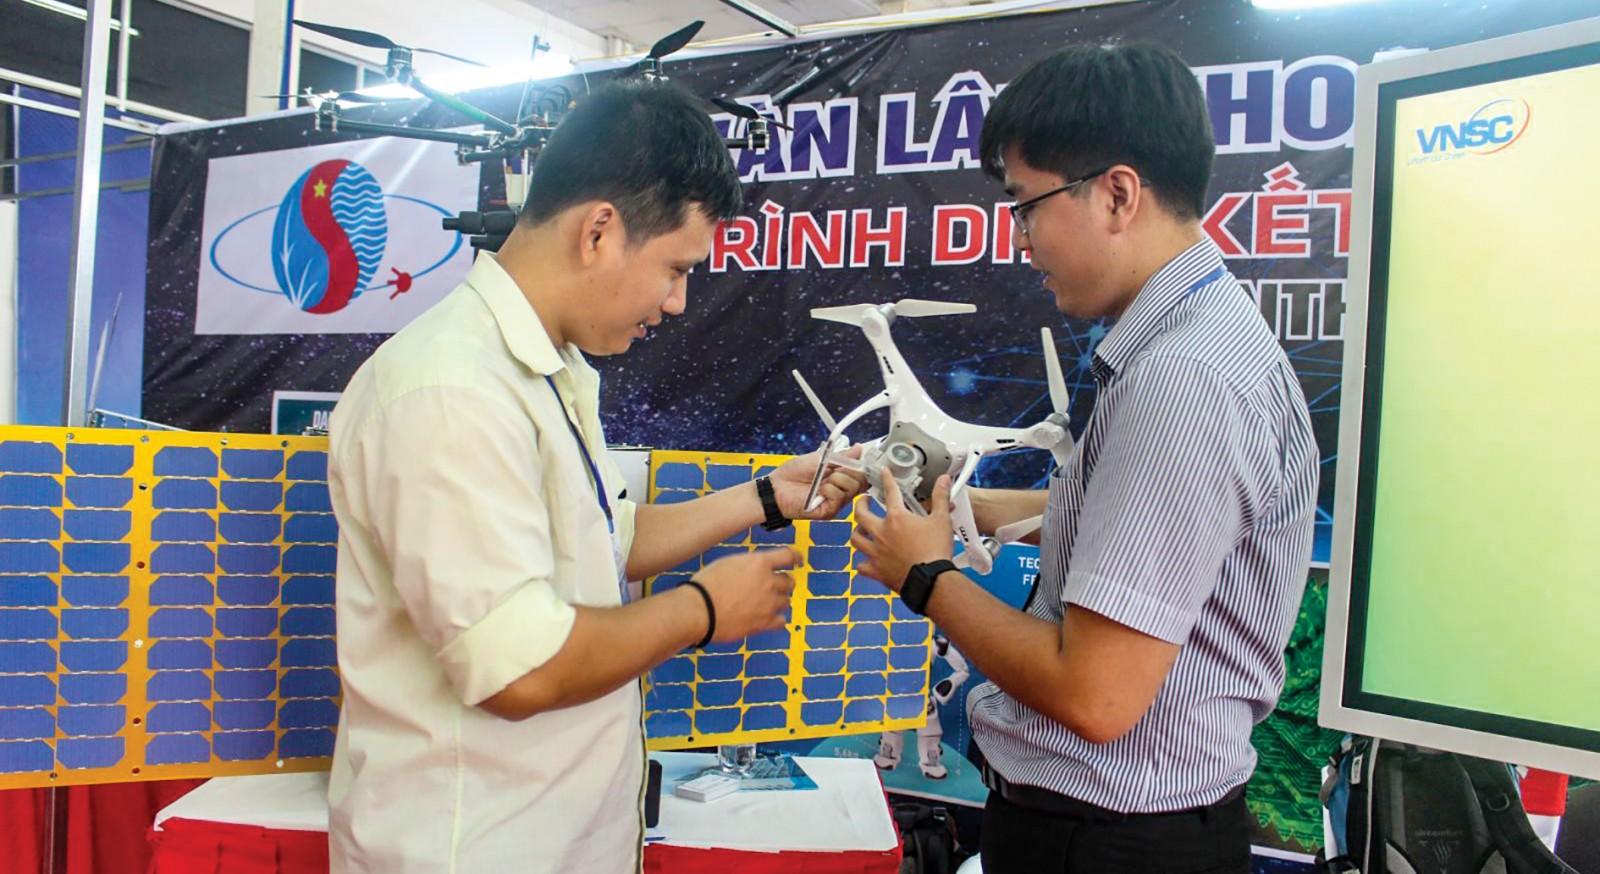 Giới thiệu mô hình máy bay không người lái phục vụ giám sát đồng ruộng trong khuôn khổ sự kiện Trình diễn, kết nối cung cầu công nghệ Quốc tế năm 2018 tại TP Cần Thơ. Ảnh: MINH HUYỀN